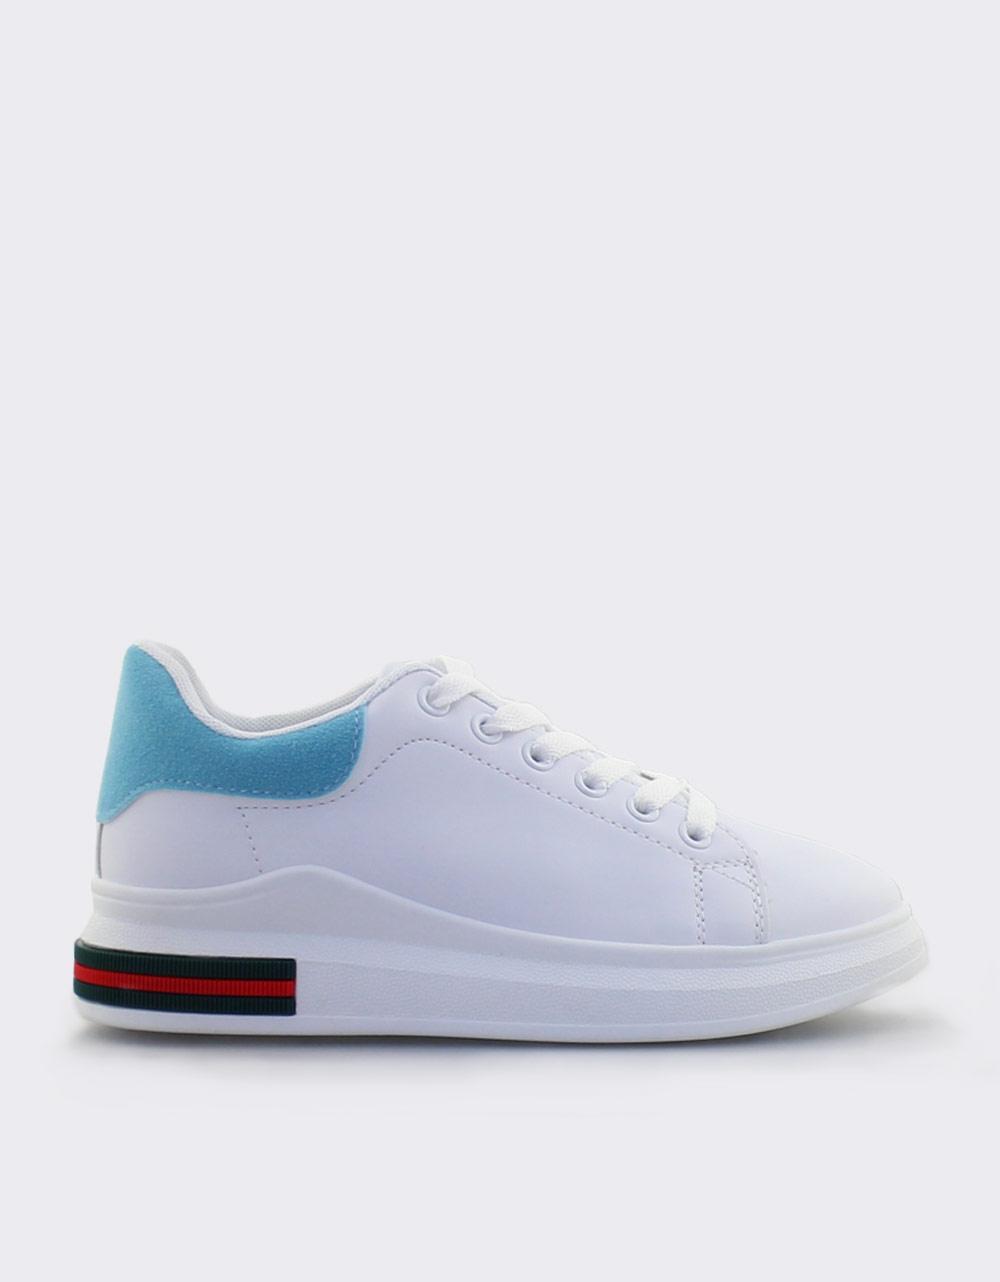 Εικόνα από Γυναικεία sneakers με δίχρωμο σχέδιο Λευκό/Σιέλ